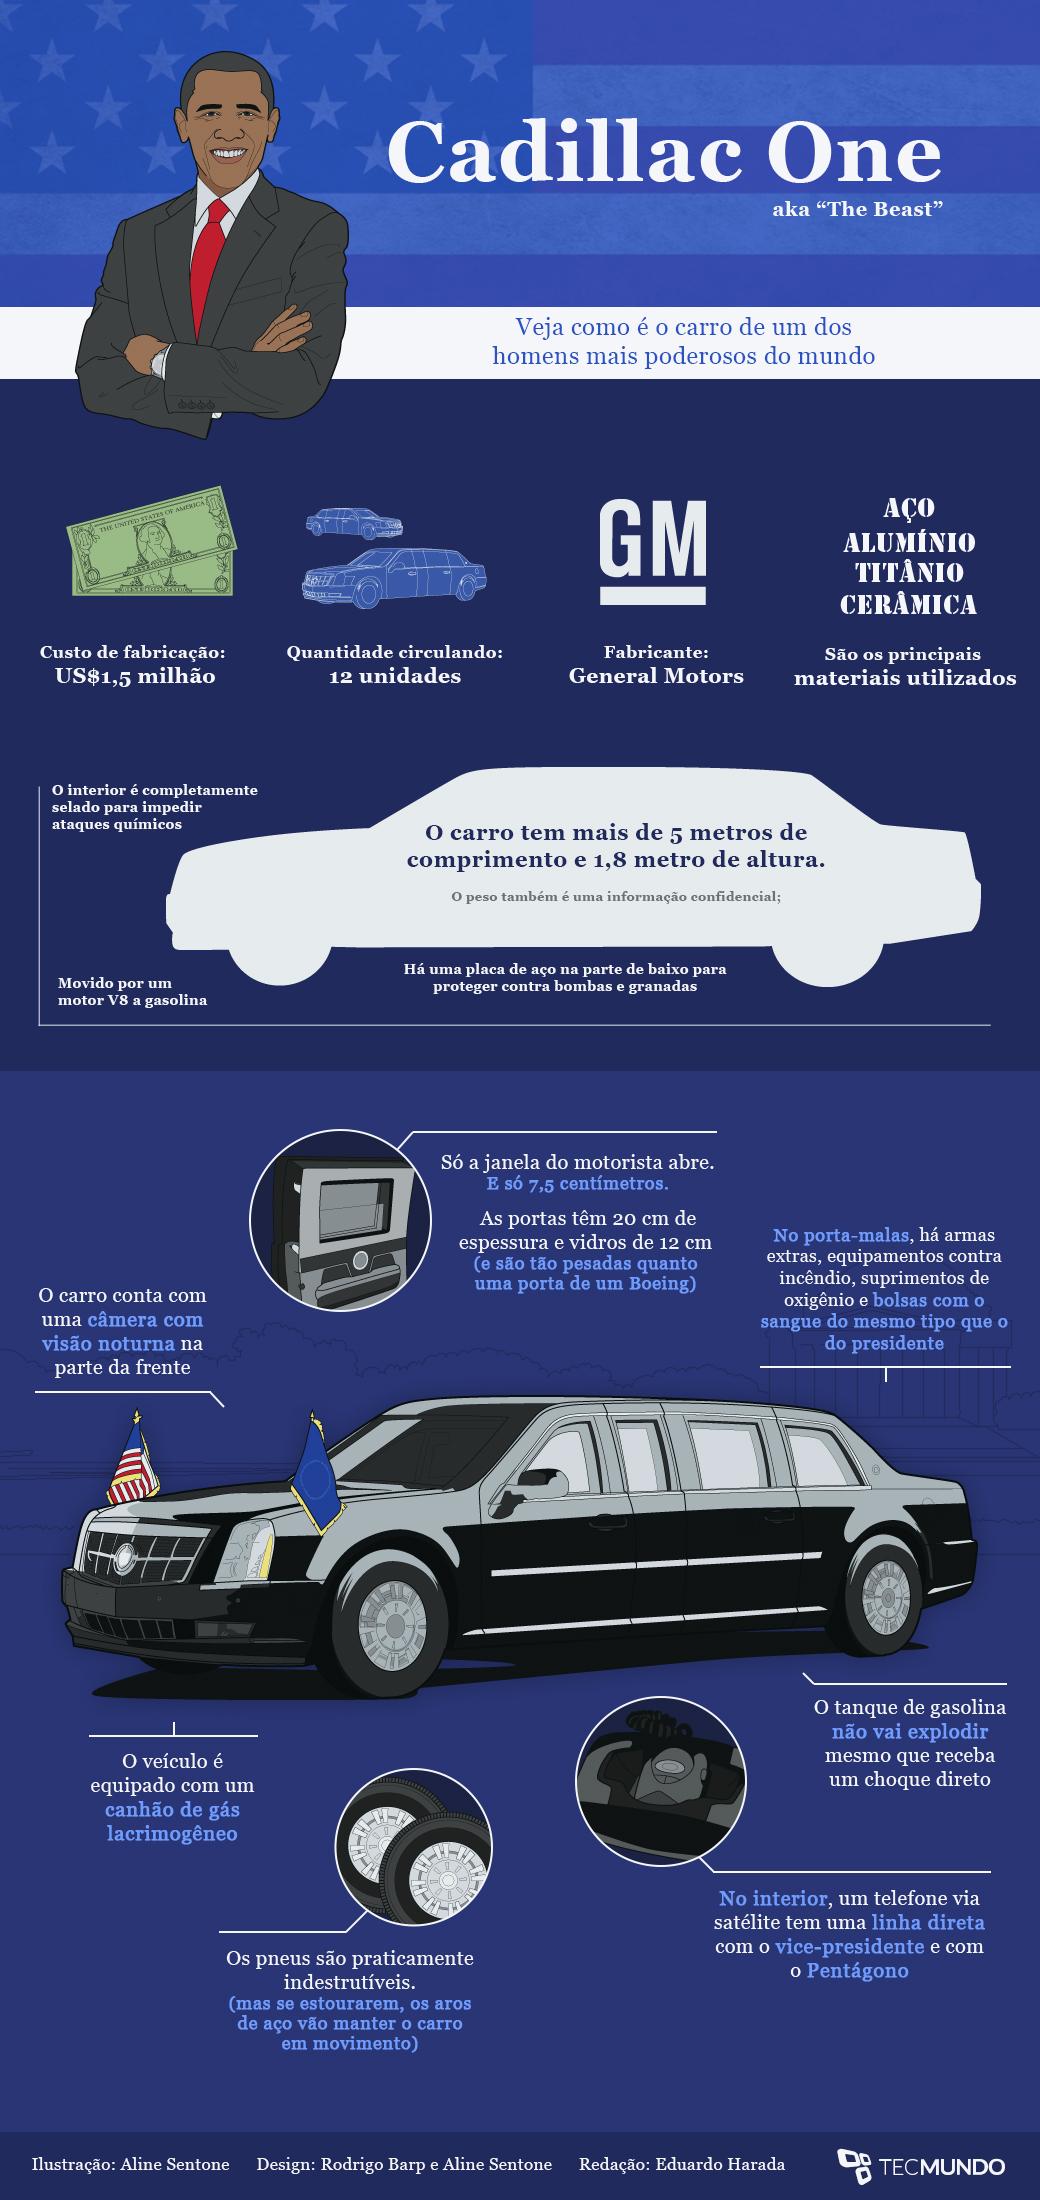 Veja como é o carro do homem mais poderoso do mundo [infográfico]